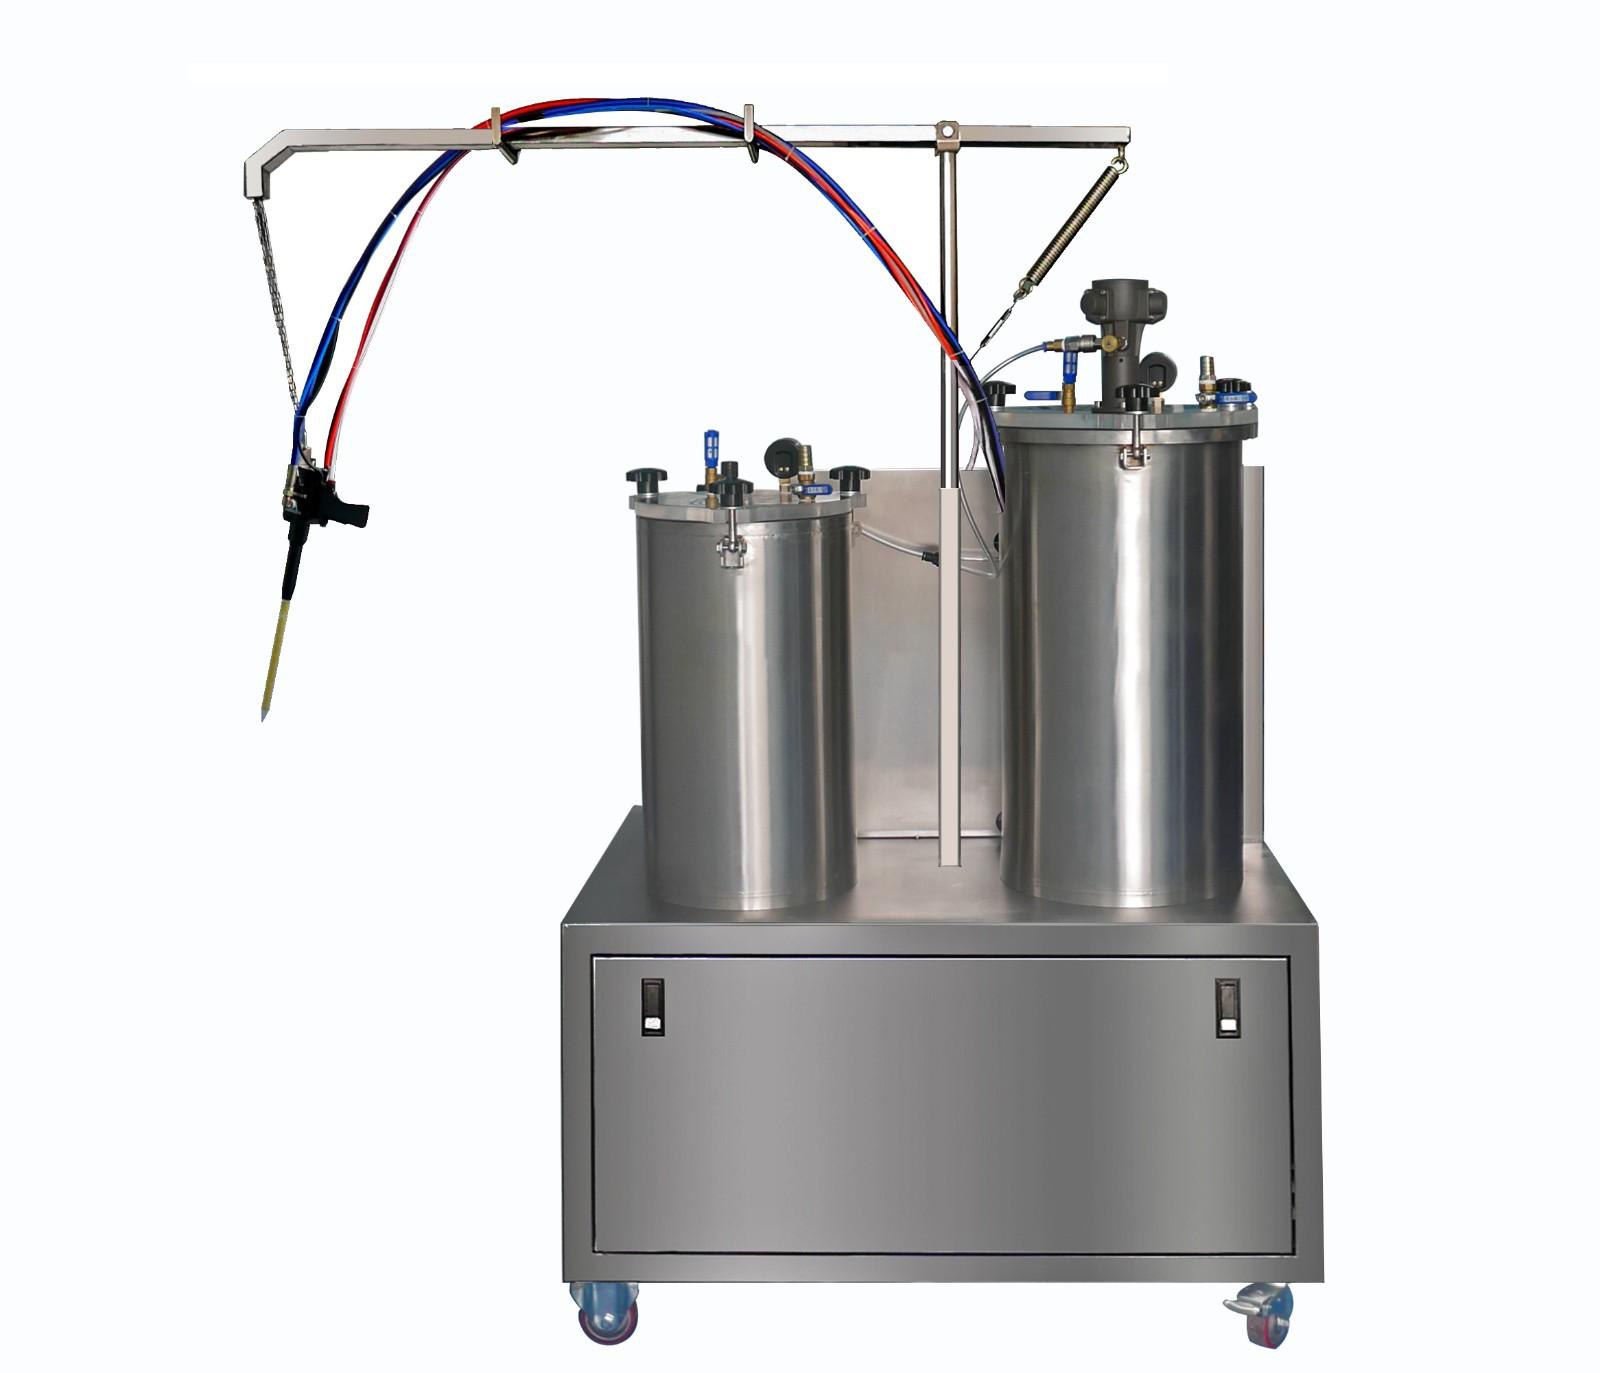 双组份配比混合供料设备报价 双组份配比混合供料设备厂家直销